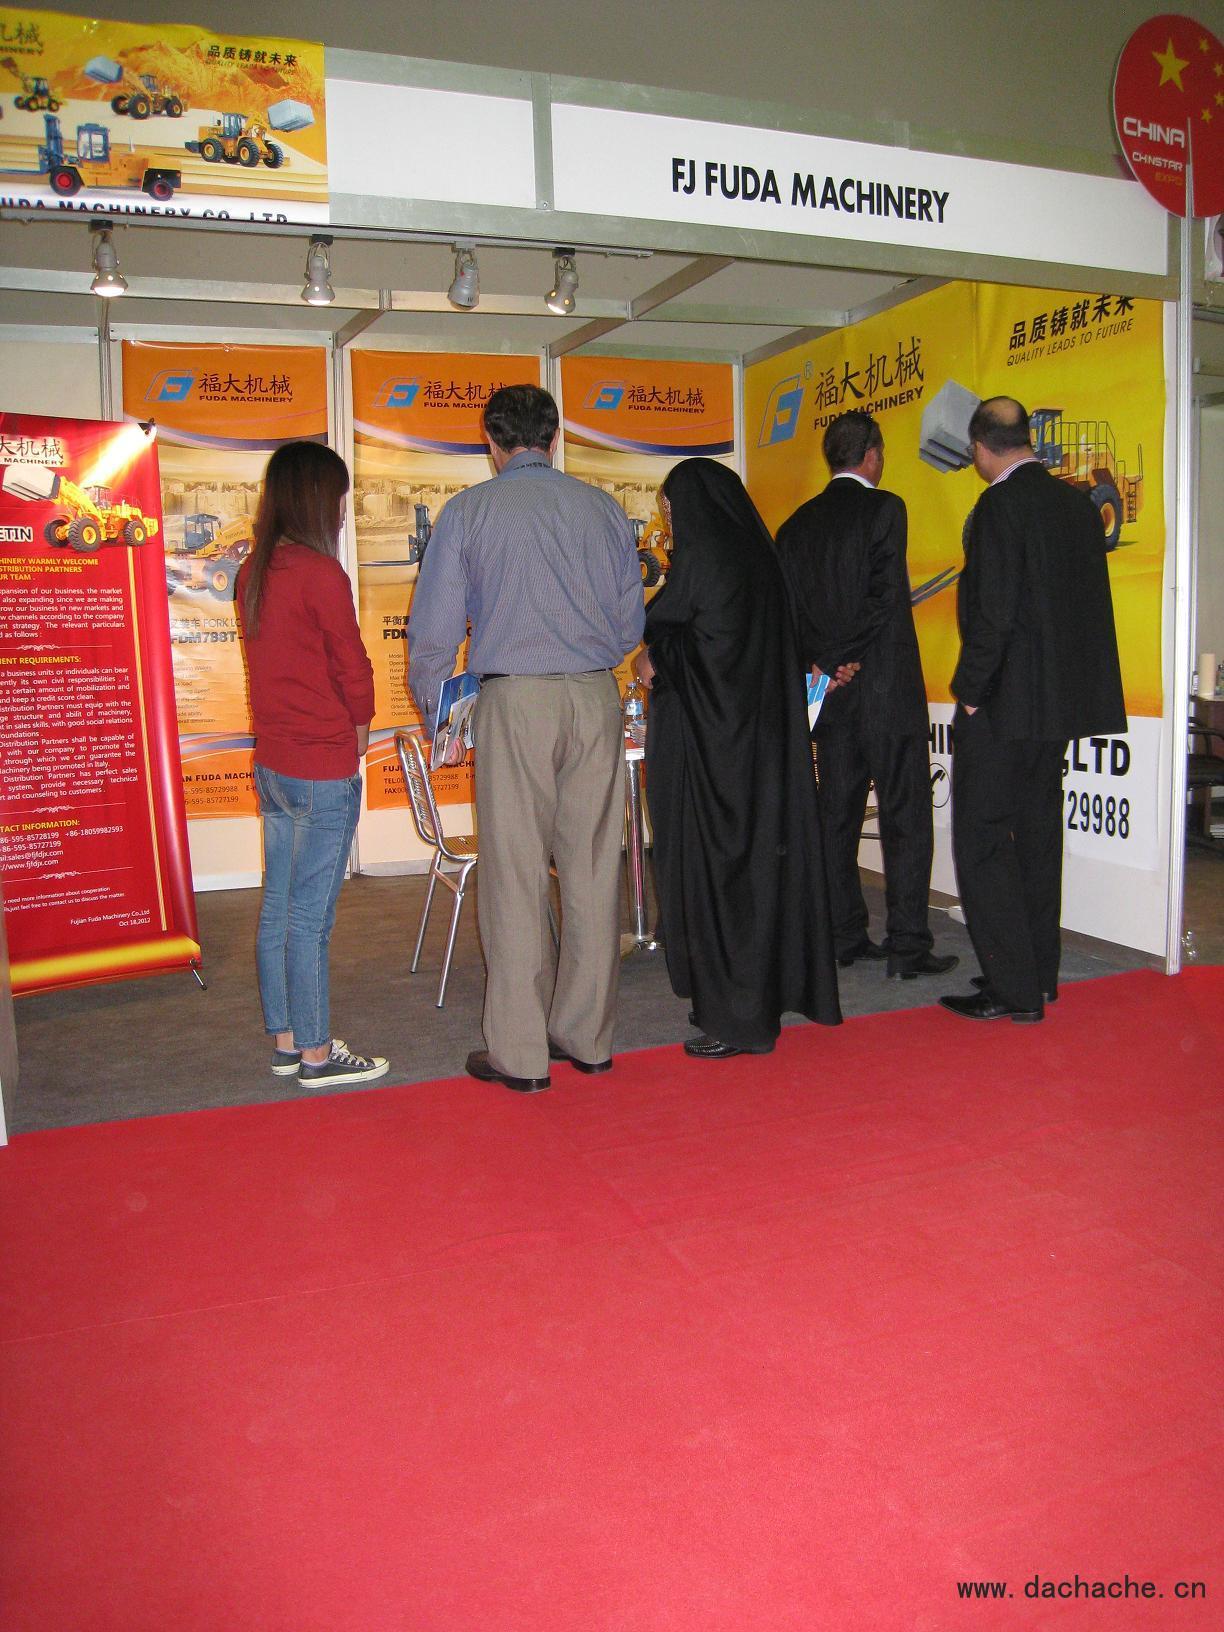 福大参加2012年土耳其伊斯坦布尔国际betway必威ios展